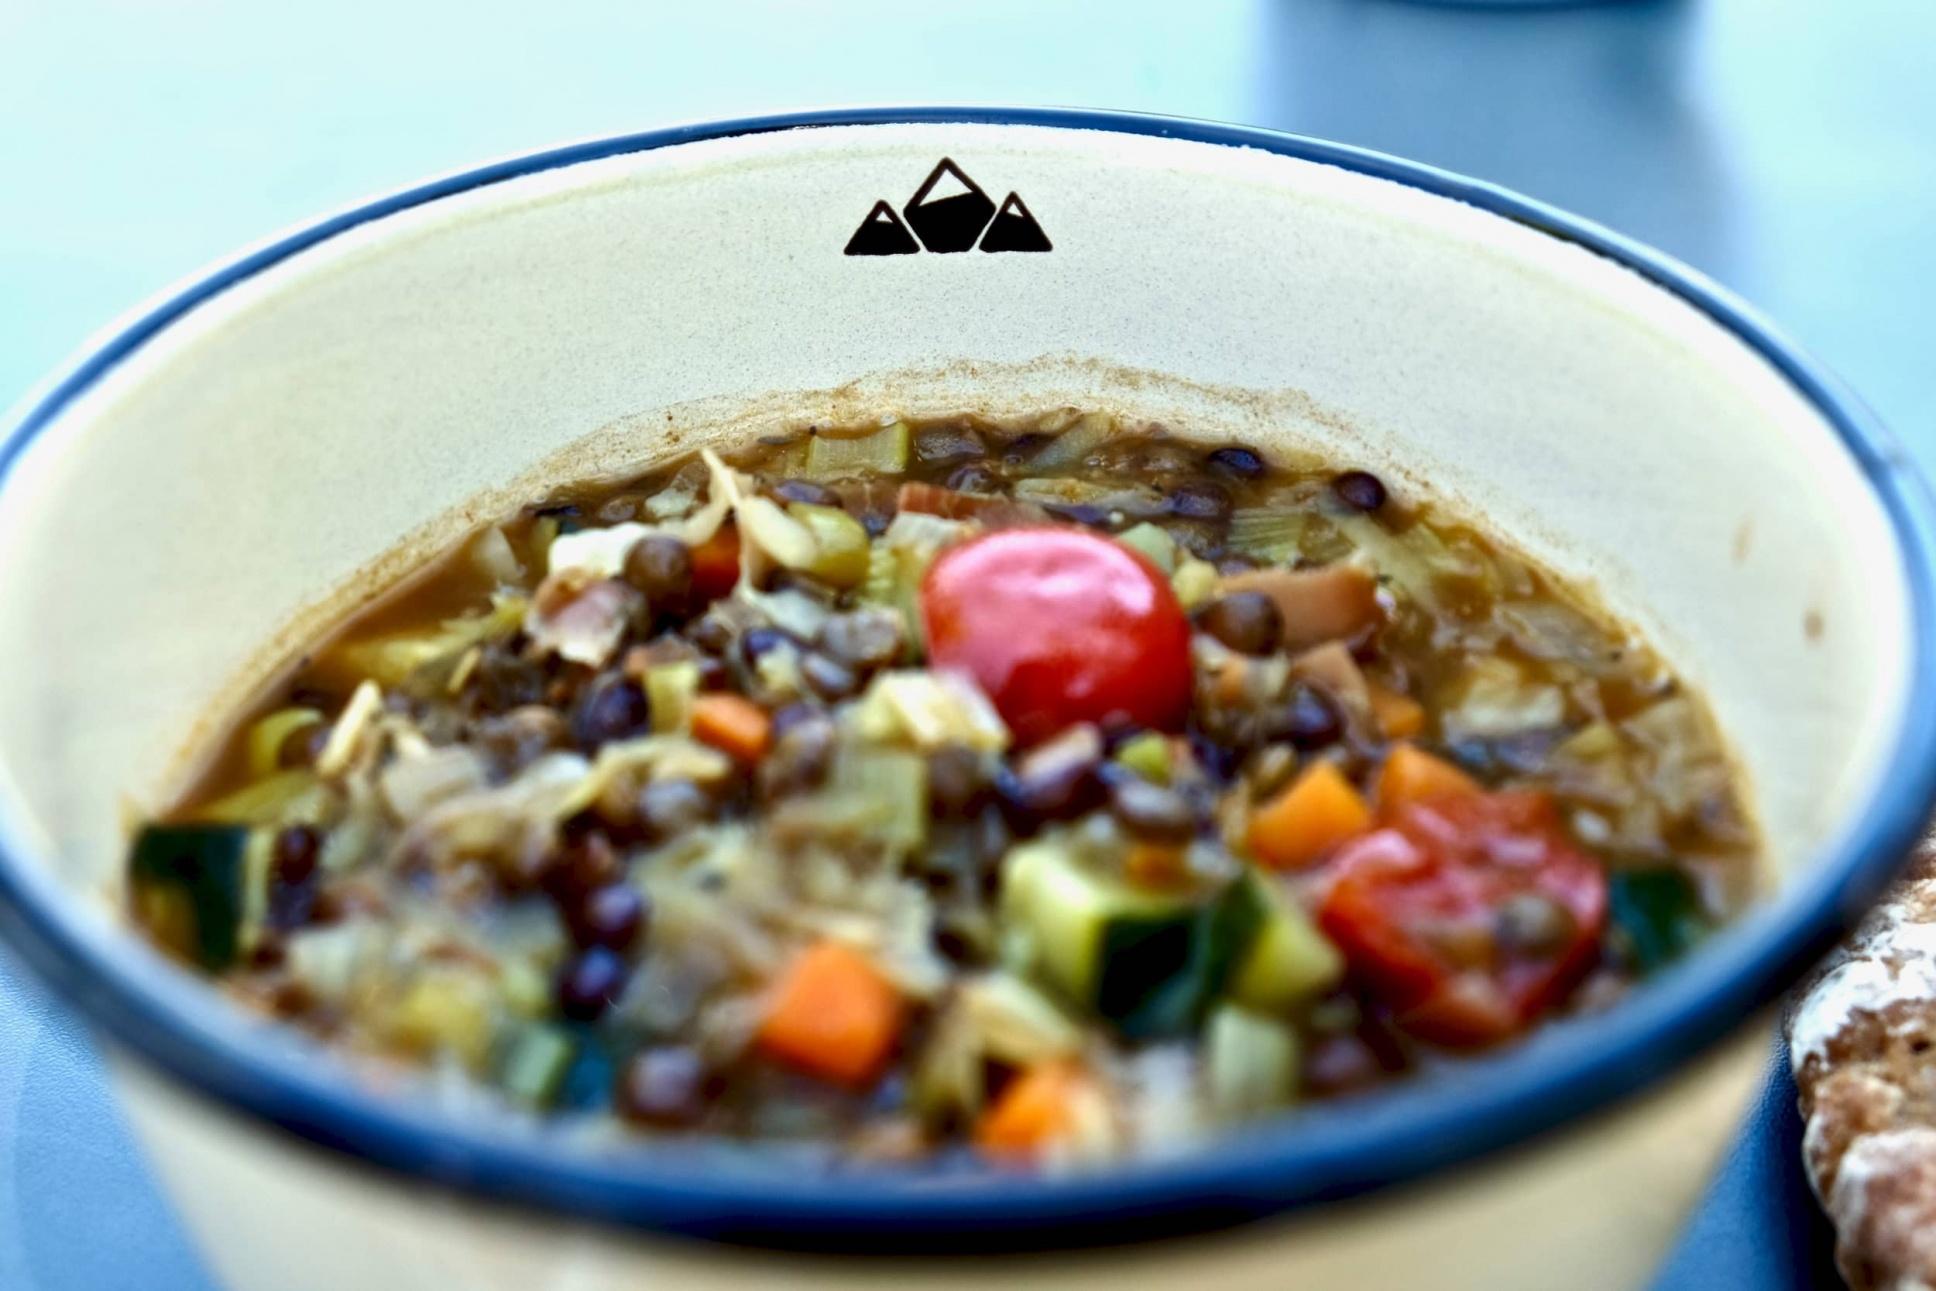 Outdoor Küche Camping Rezepte : Gesundes camping essen einfache tipps und rezepte für unterwegs